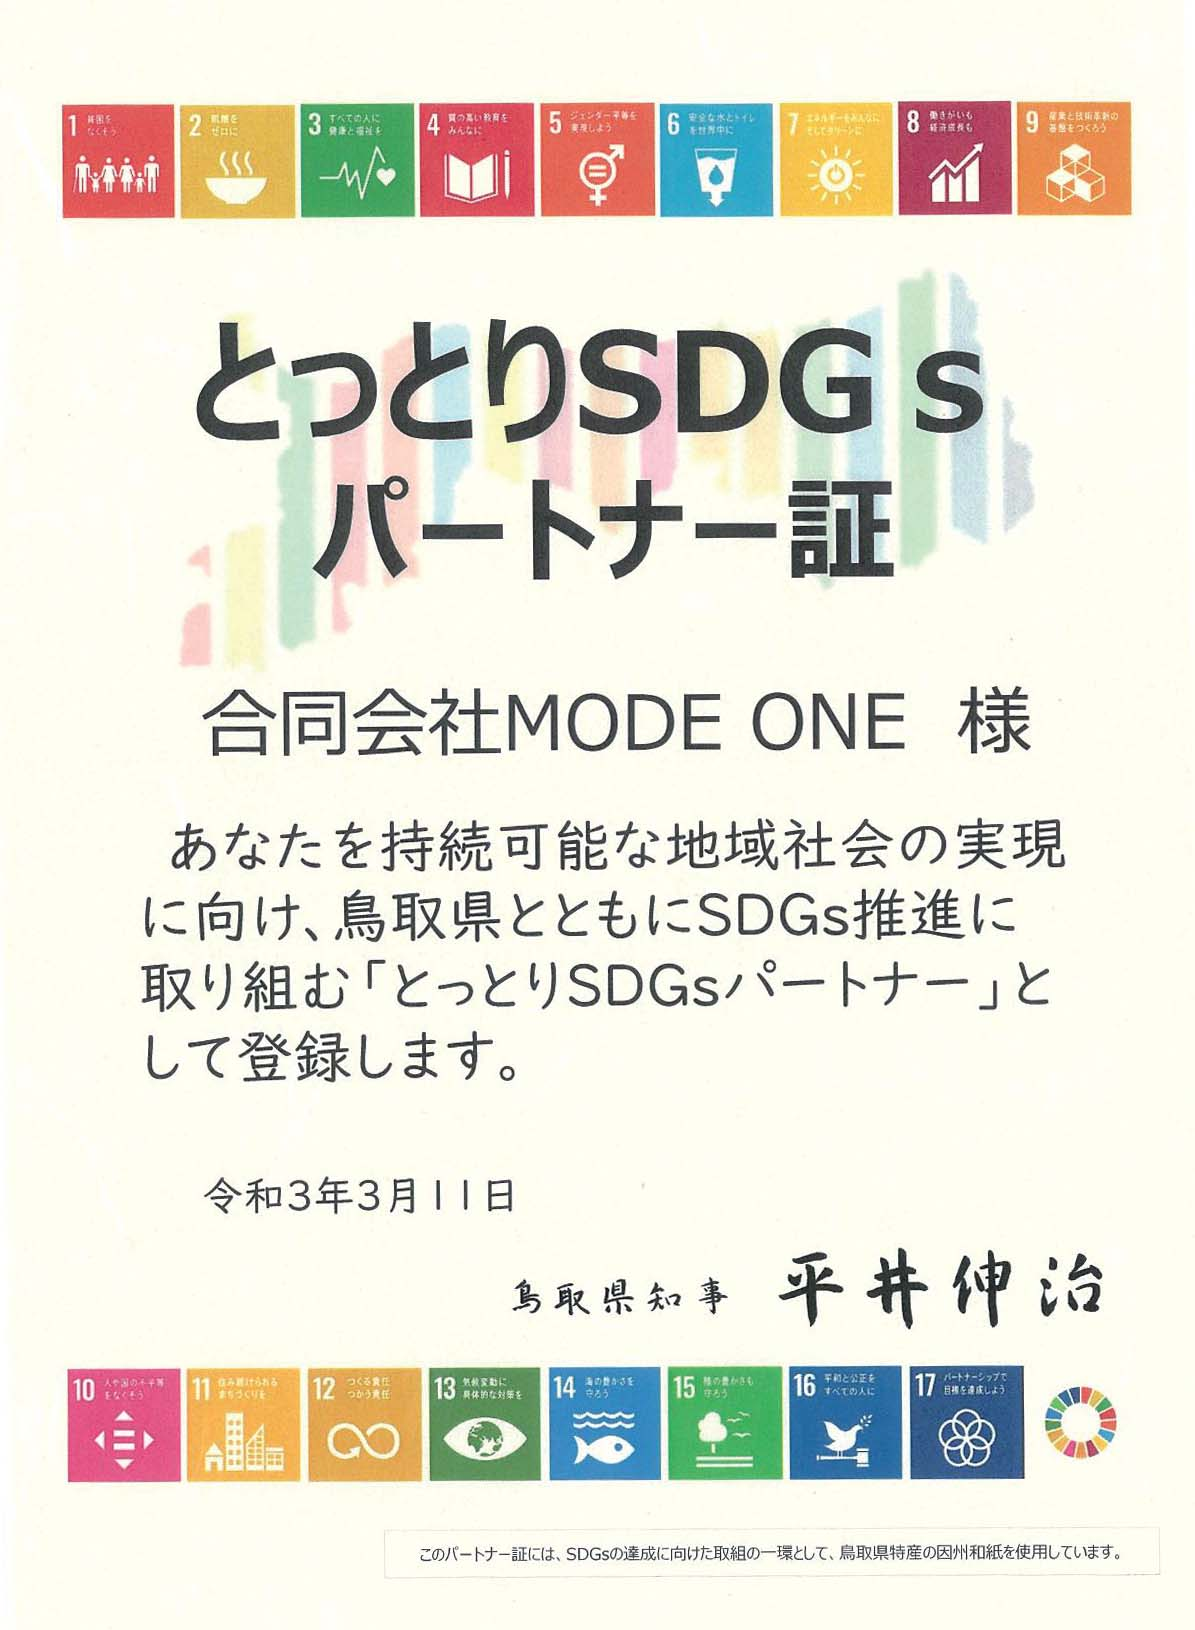 鳥取SDGsパートナー証